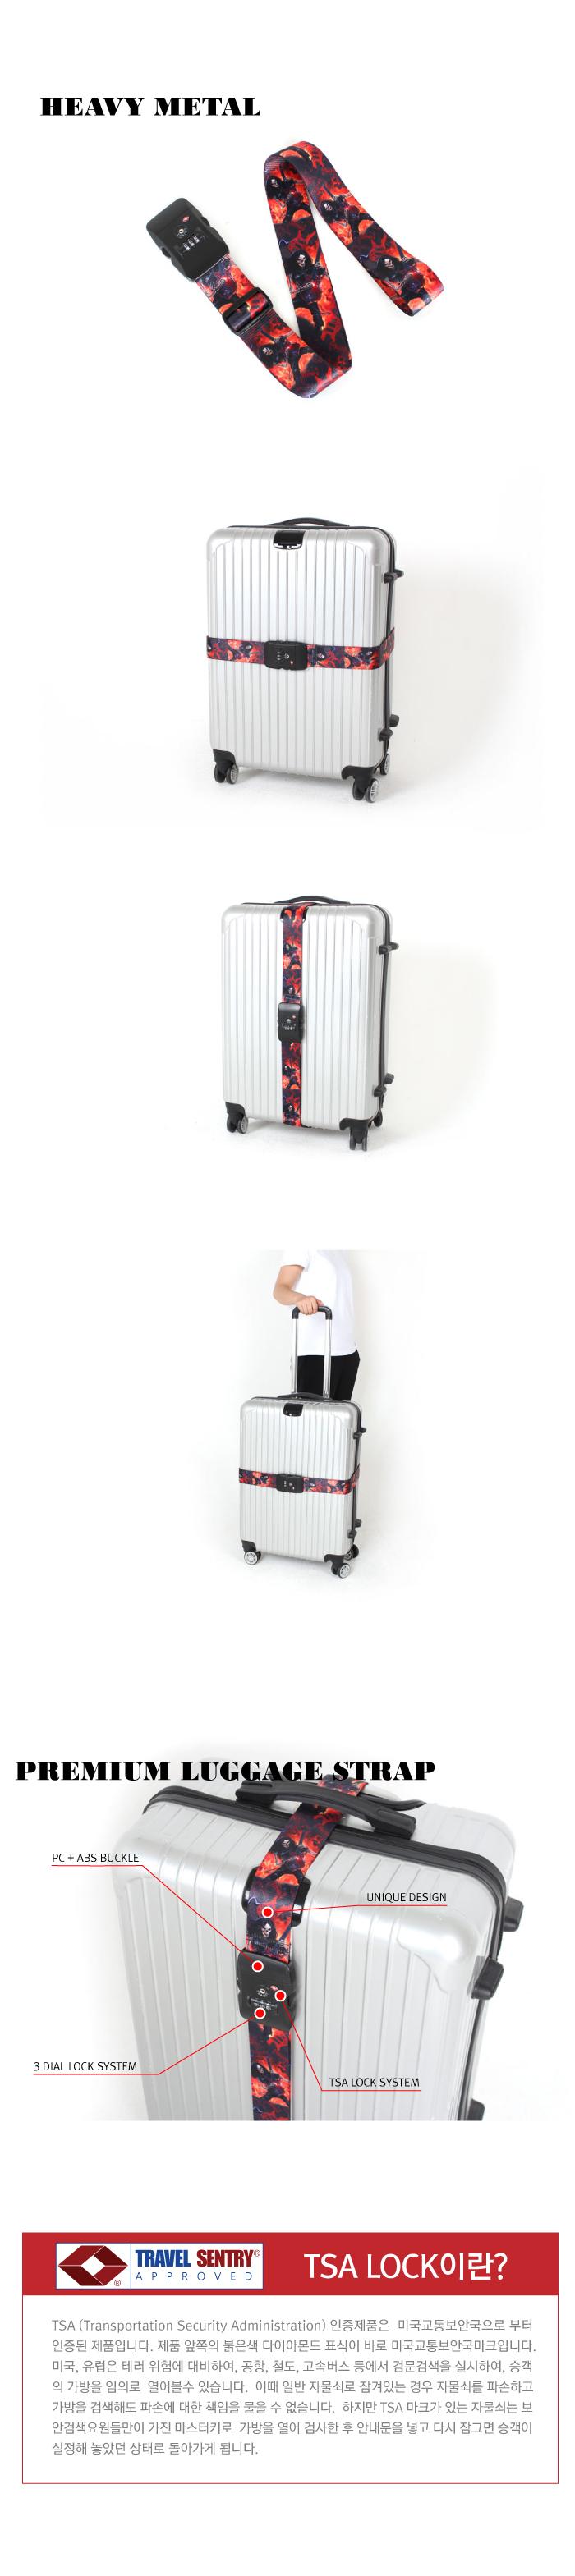 TSA 3다이얼 여행가방 터짐방지 가방보호벨트 - 헤비메탈 - 티큐브, 20,000원, 보호용품, 벨트/와이어